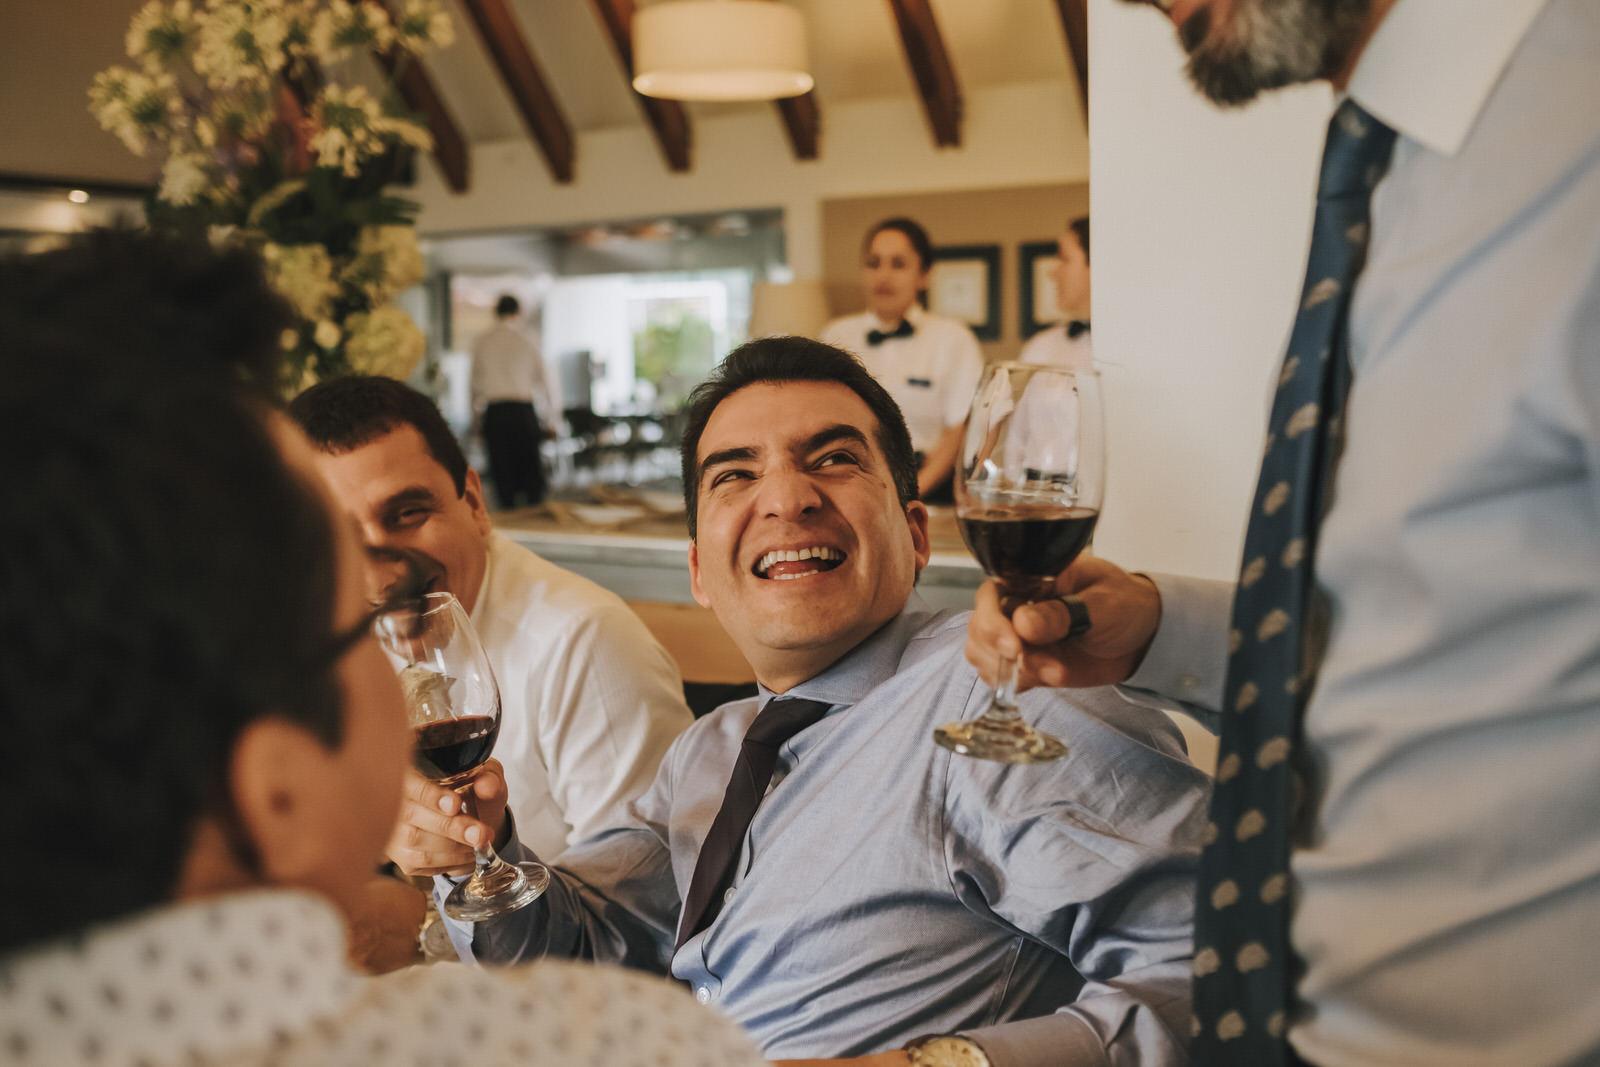 amigos del novio divirtiéndose en el coctel la molina